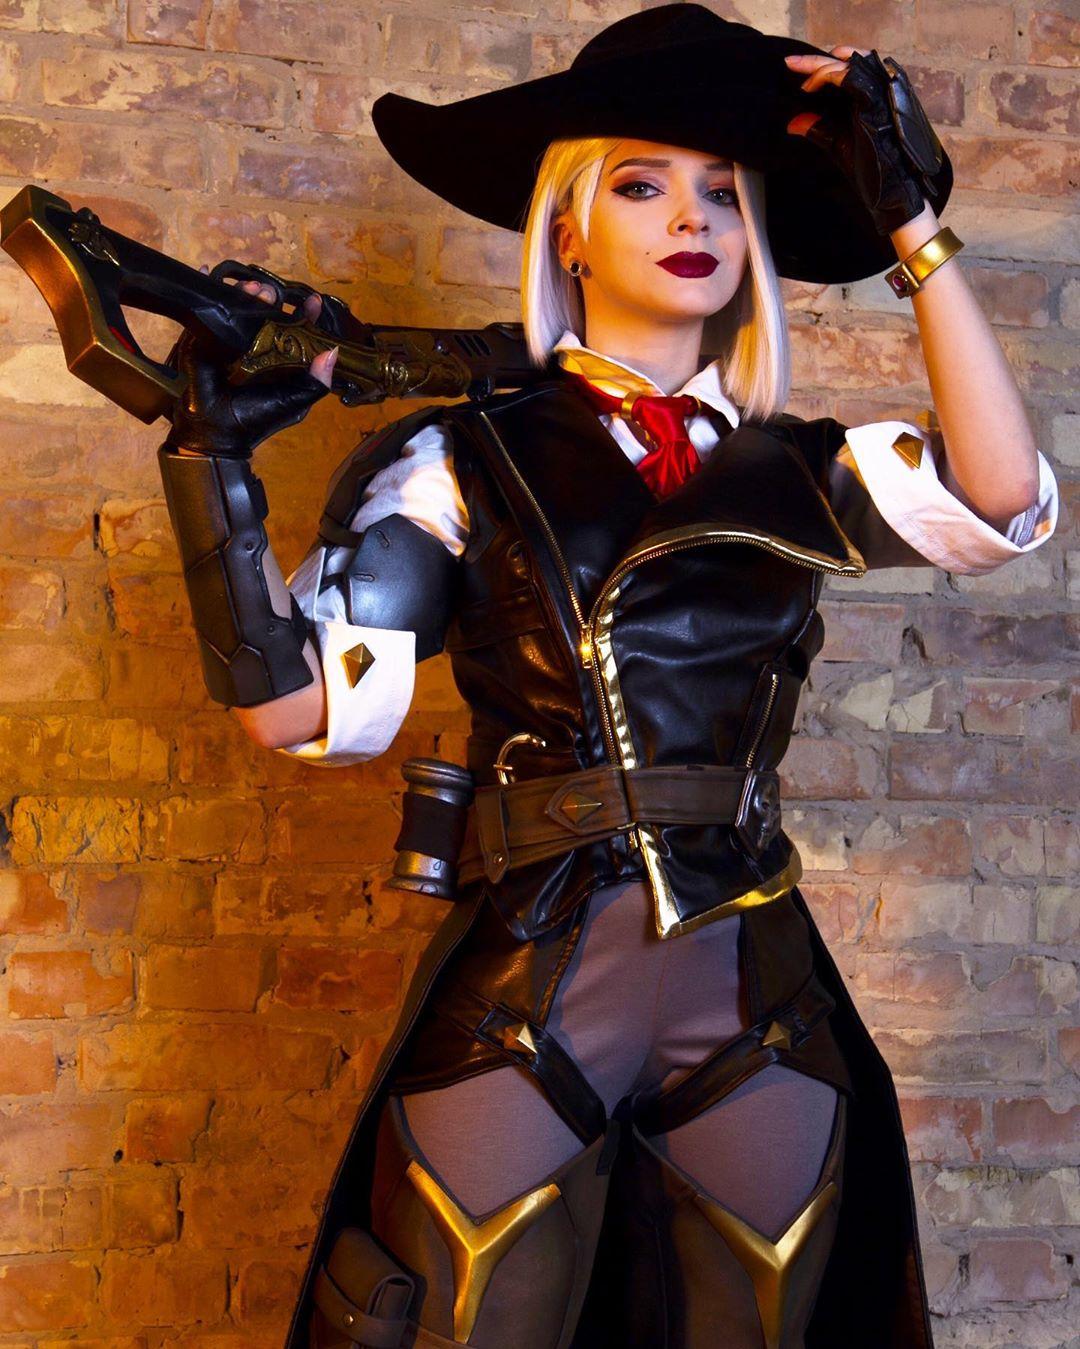 正妹coser完美變身30個知名角色 小丑女「絕對領域」害男粉絲全暴動:微肉最棒!